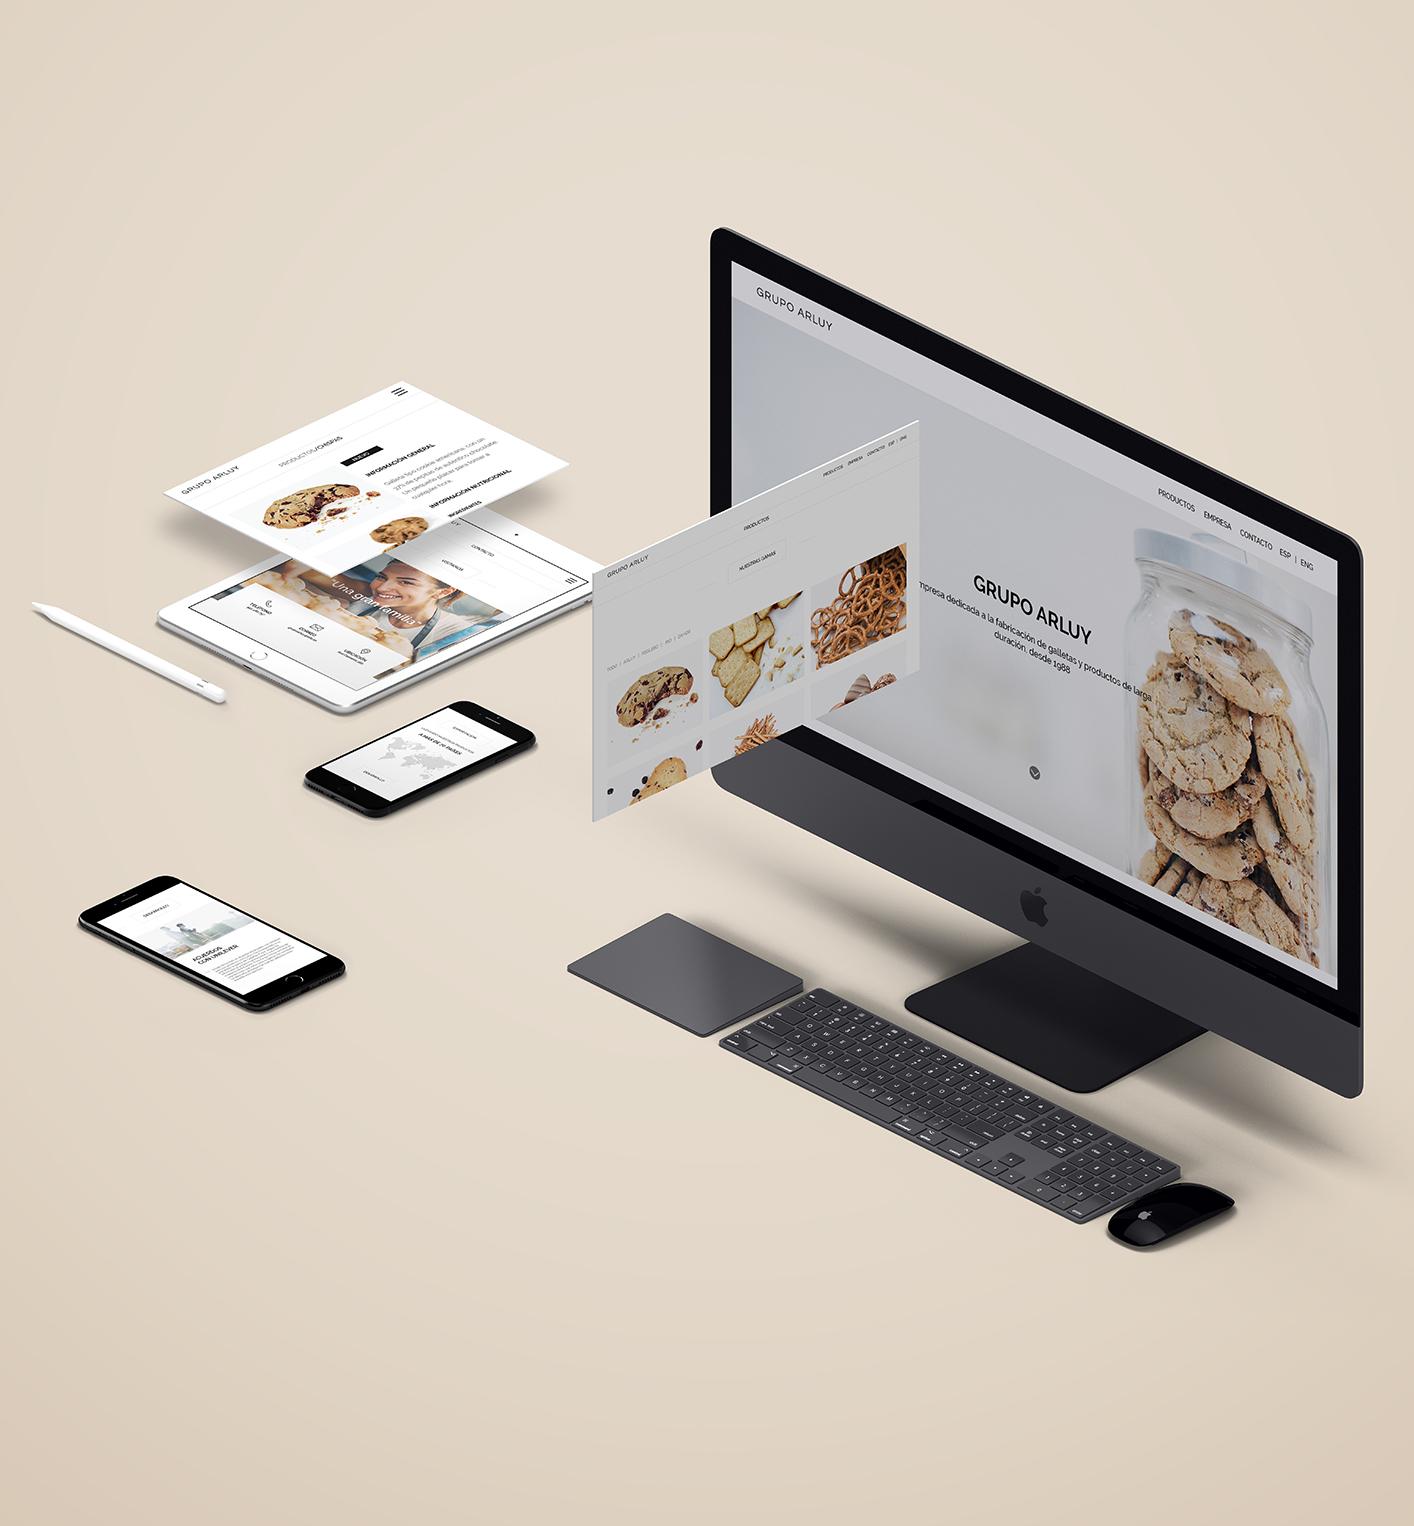 arluy-empresa-galletas-vistas-rebranding-web-pantallas-dispositivos-branding